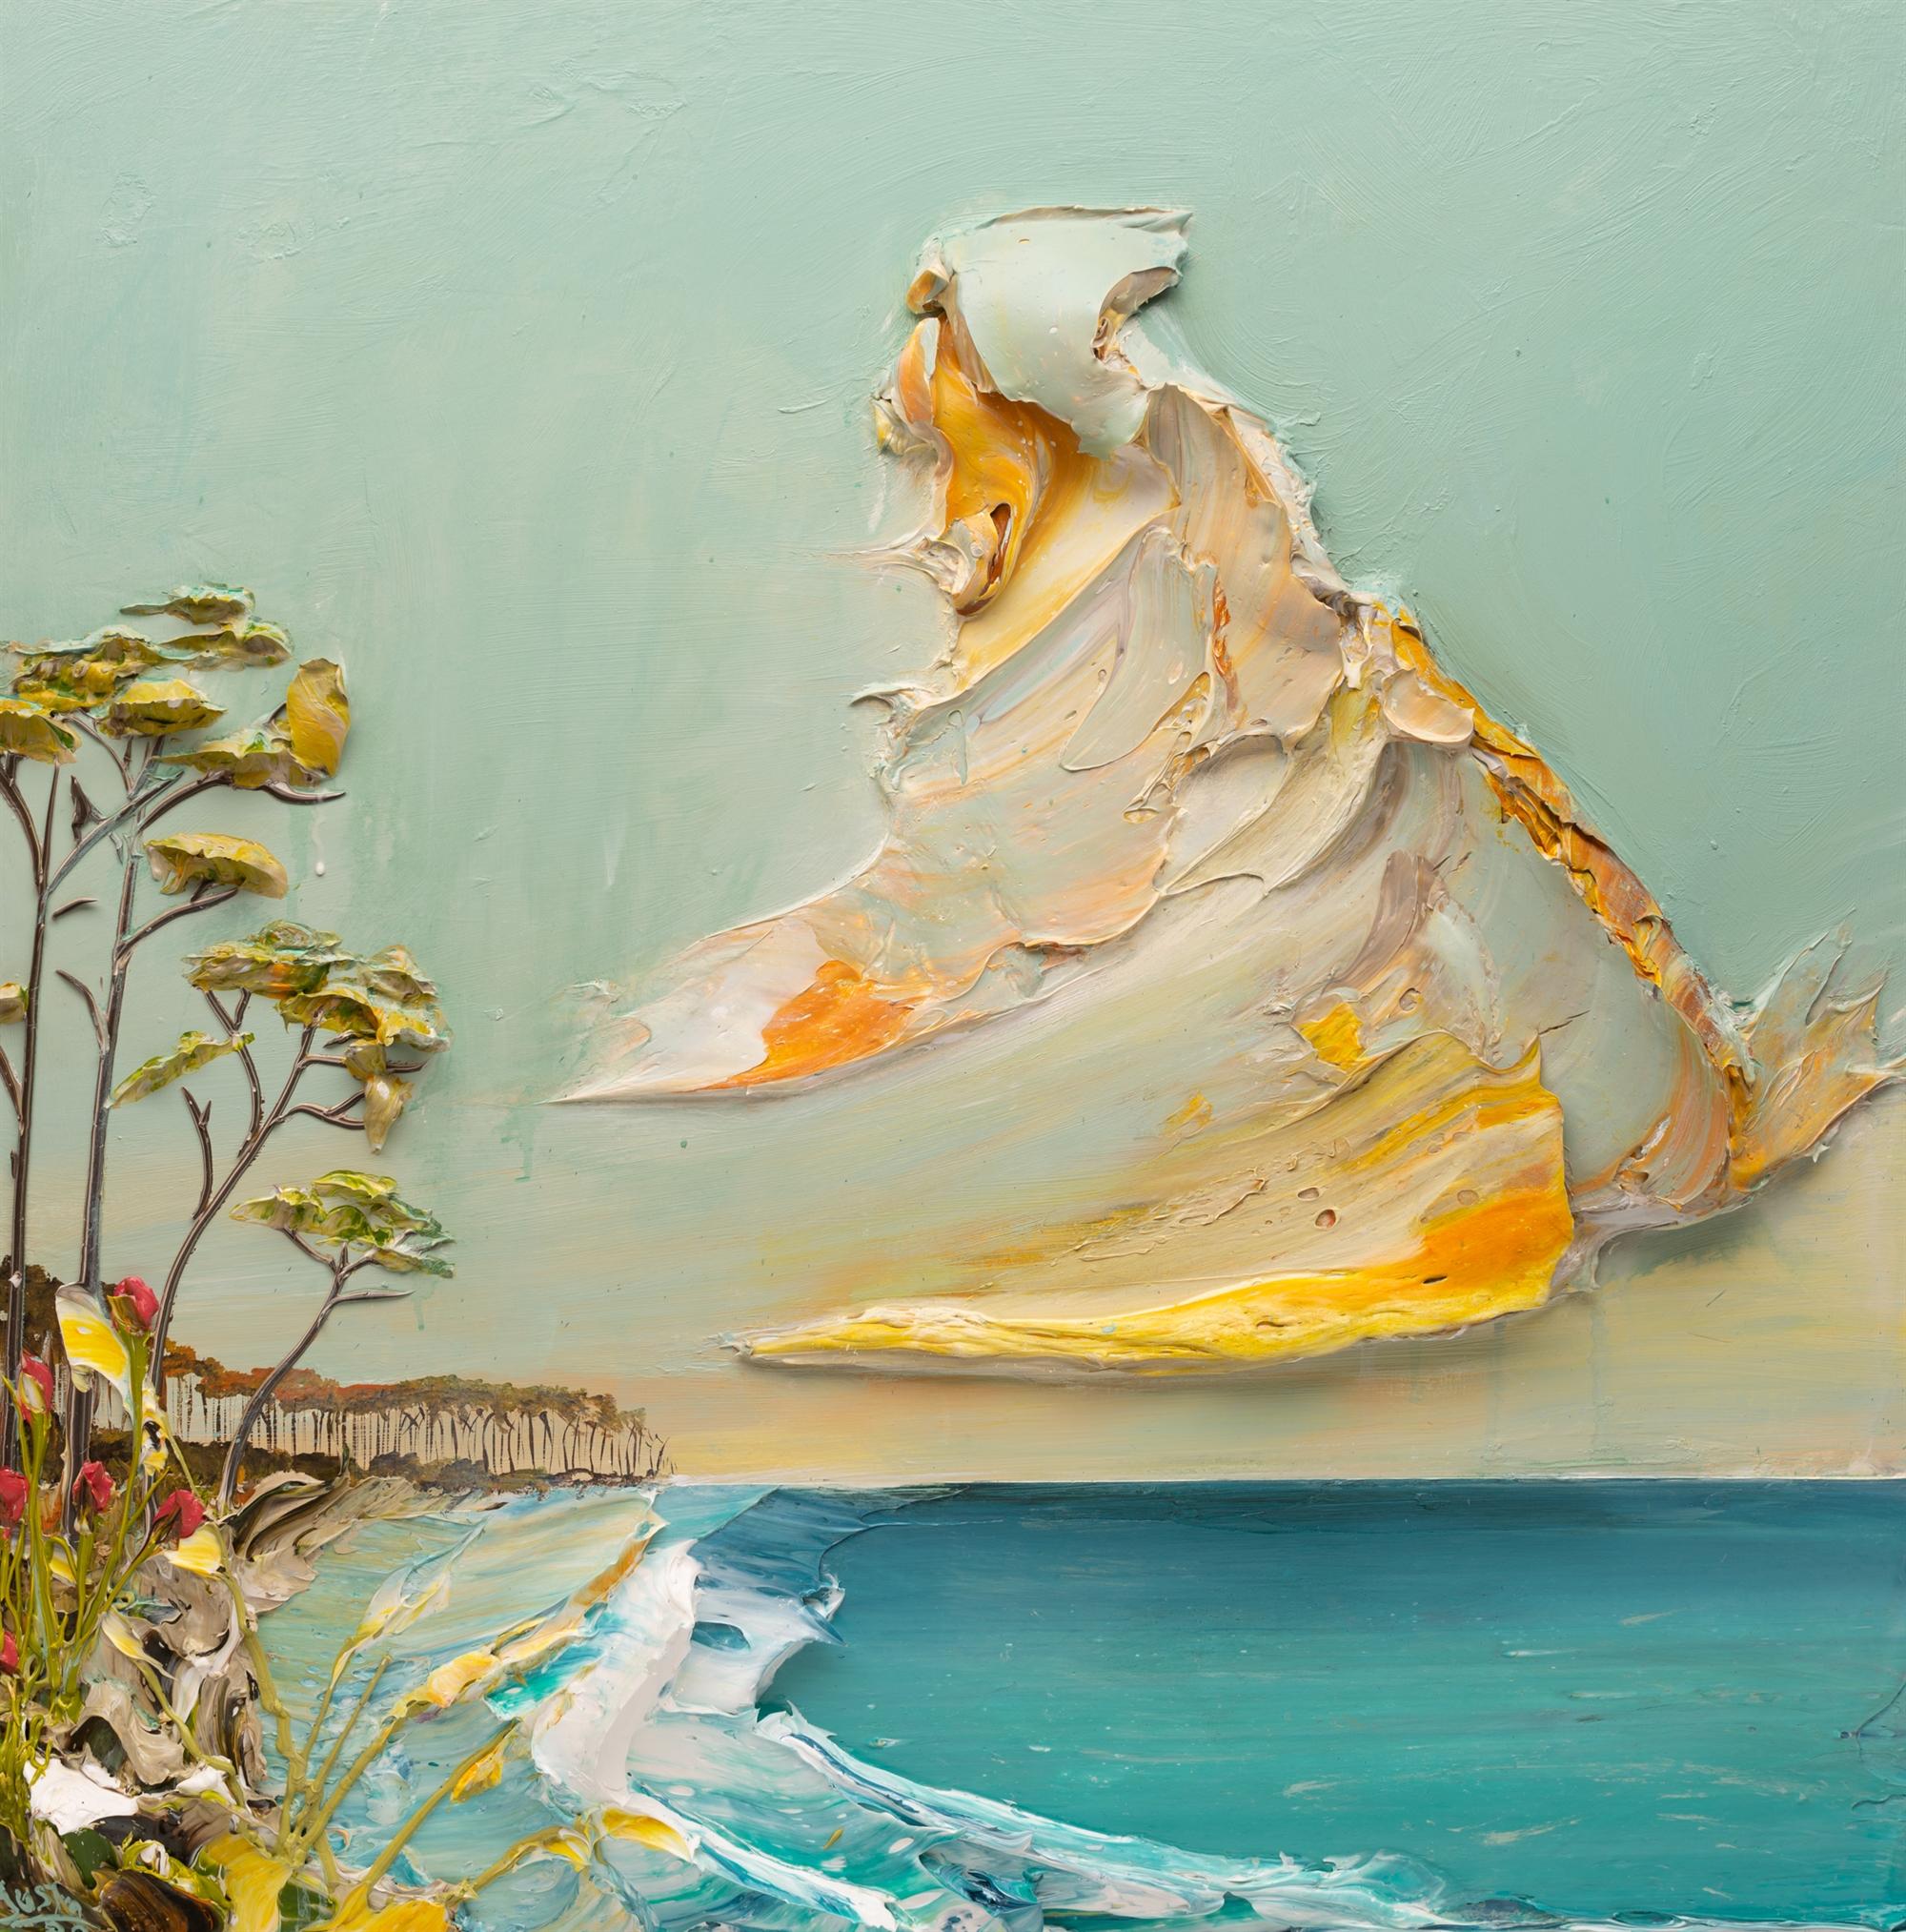 SEASCAPE SS-36X36-2020-003 by JUSTIN GAFFREY